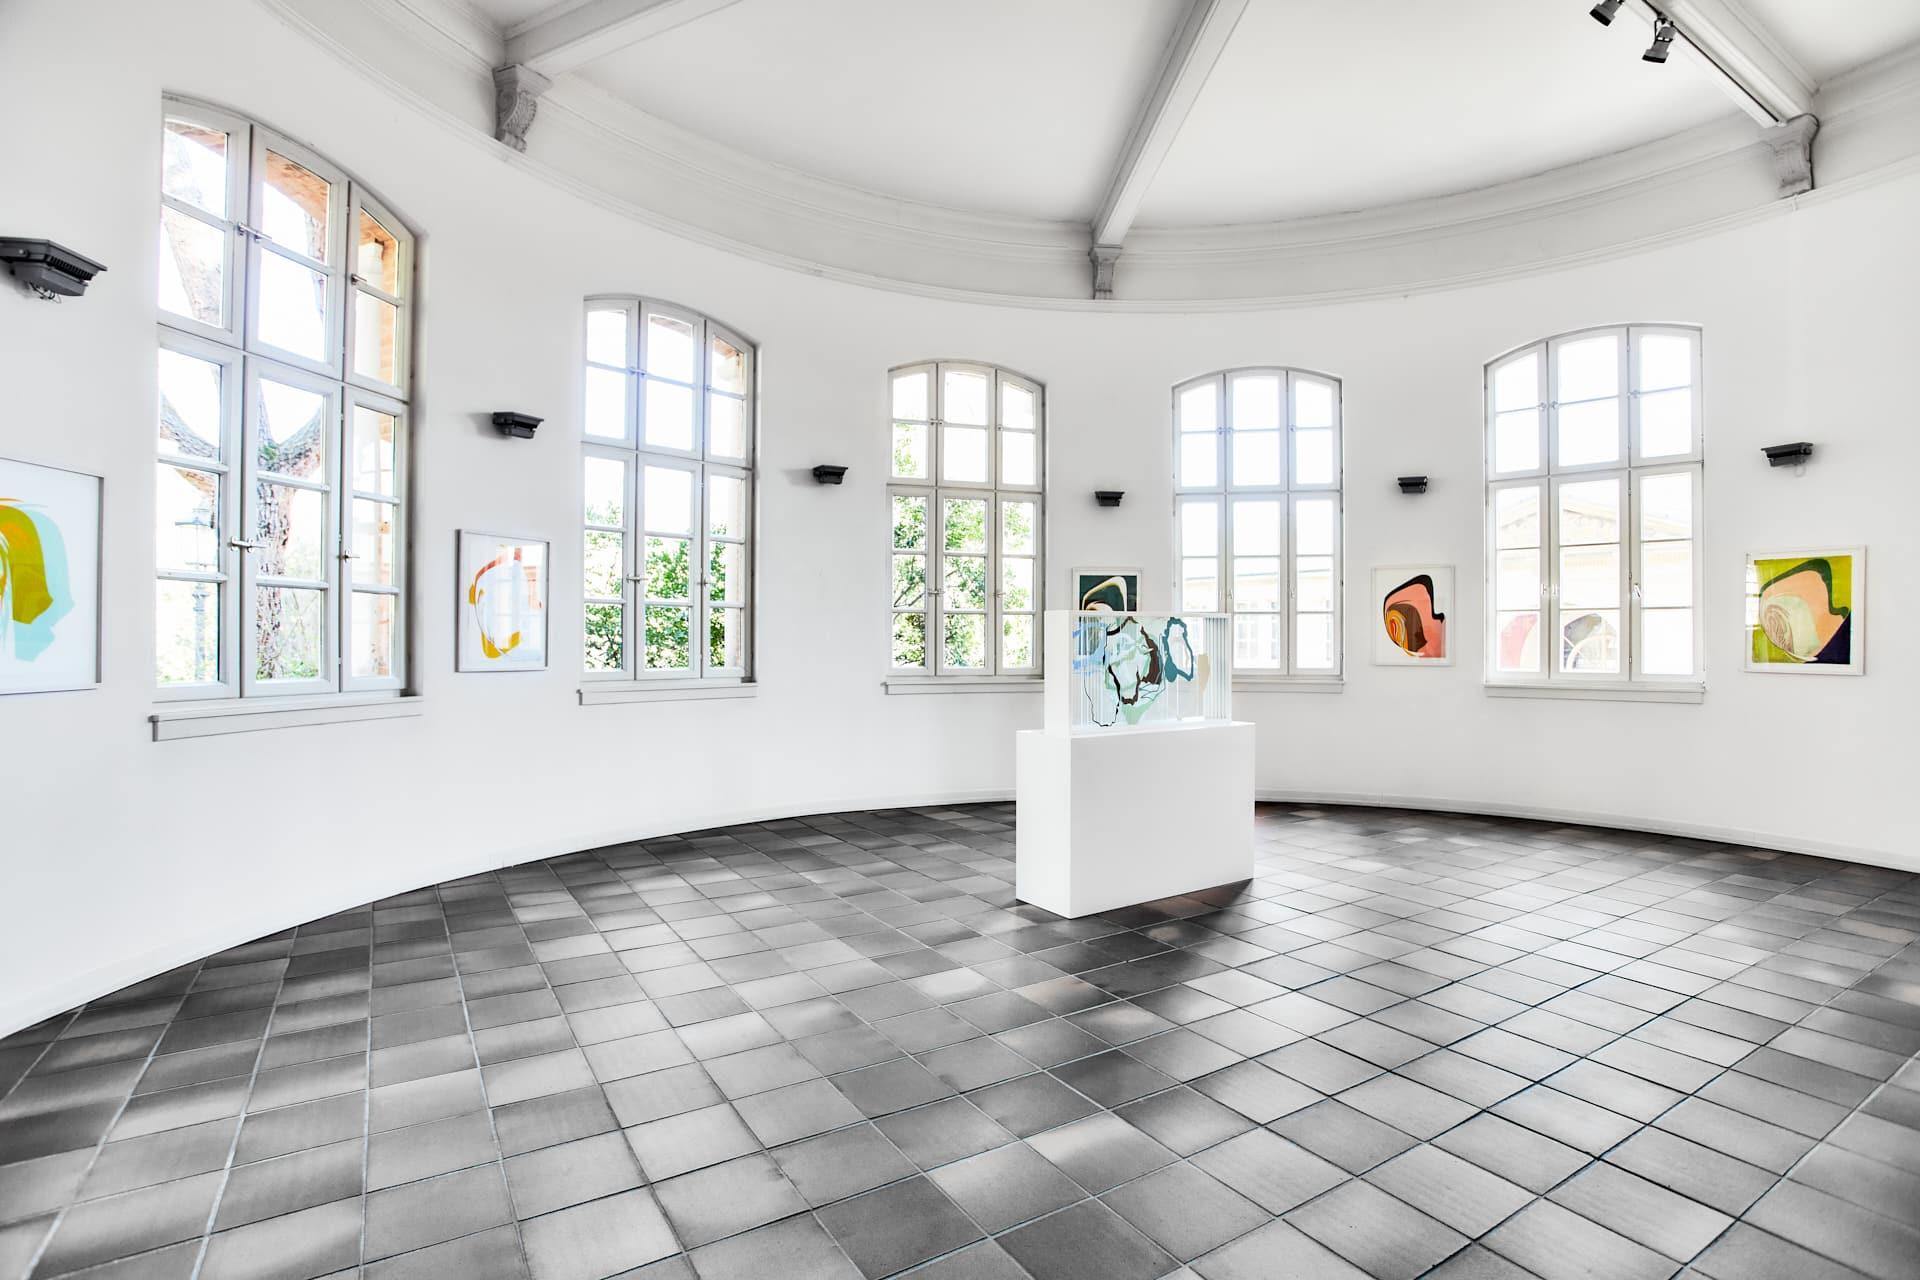 EberhardFreudenreich_Ausstellung-AltesDampfbad_122995a